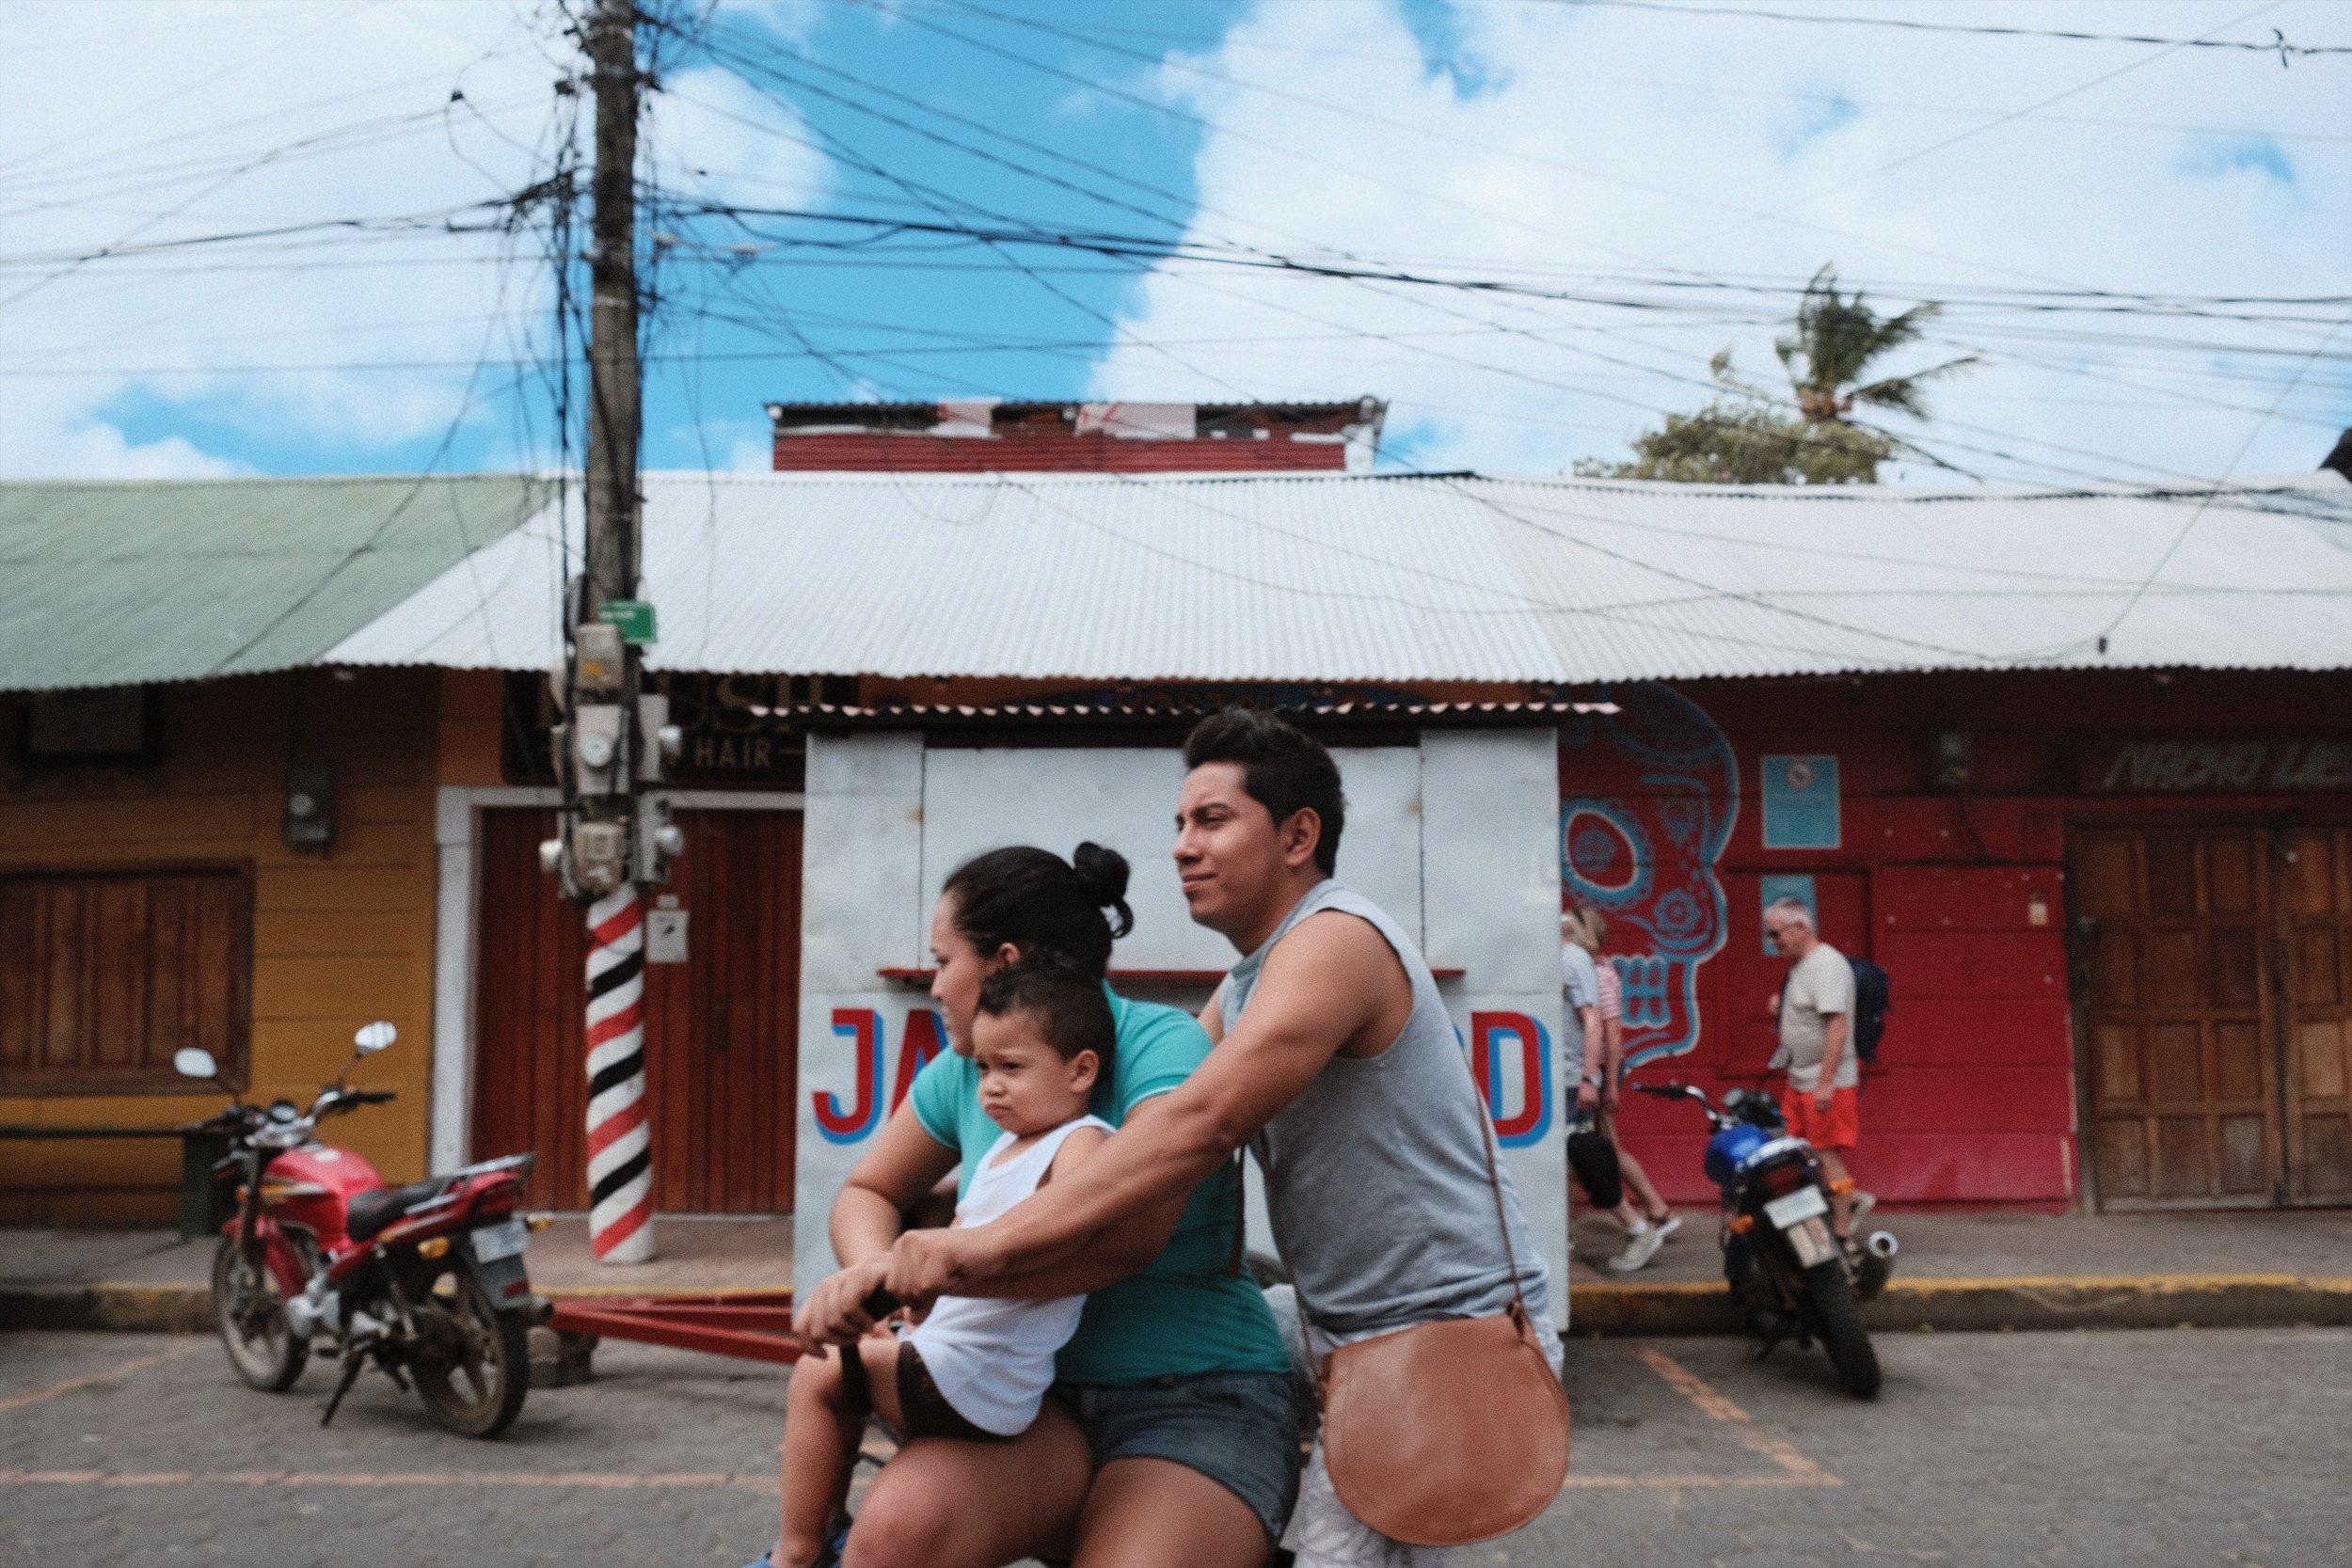 Taken in San Juan del Sur, Nicaragua